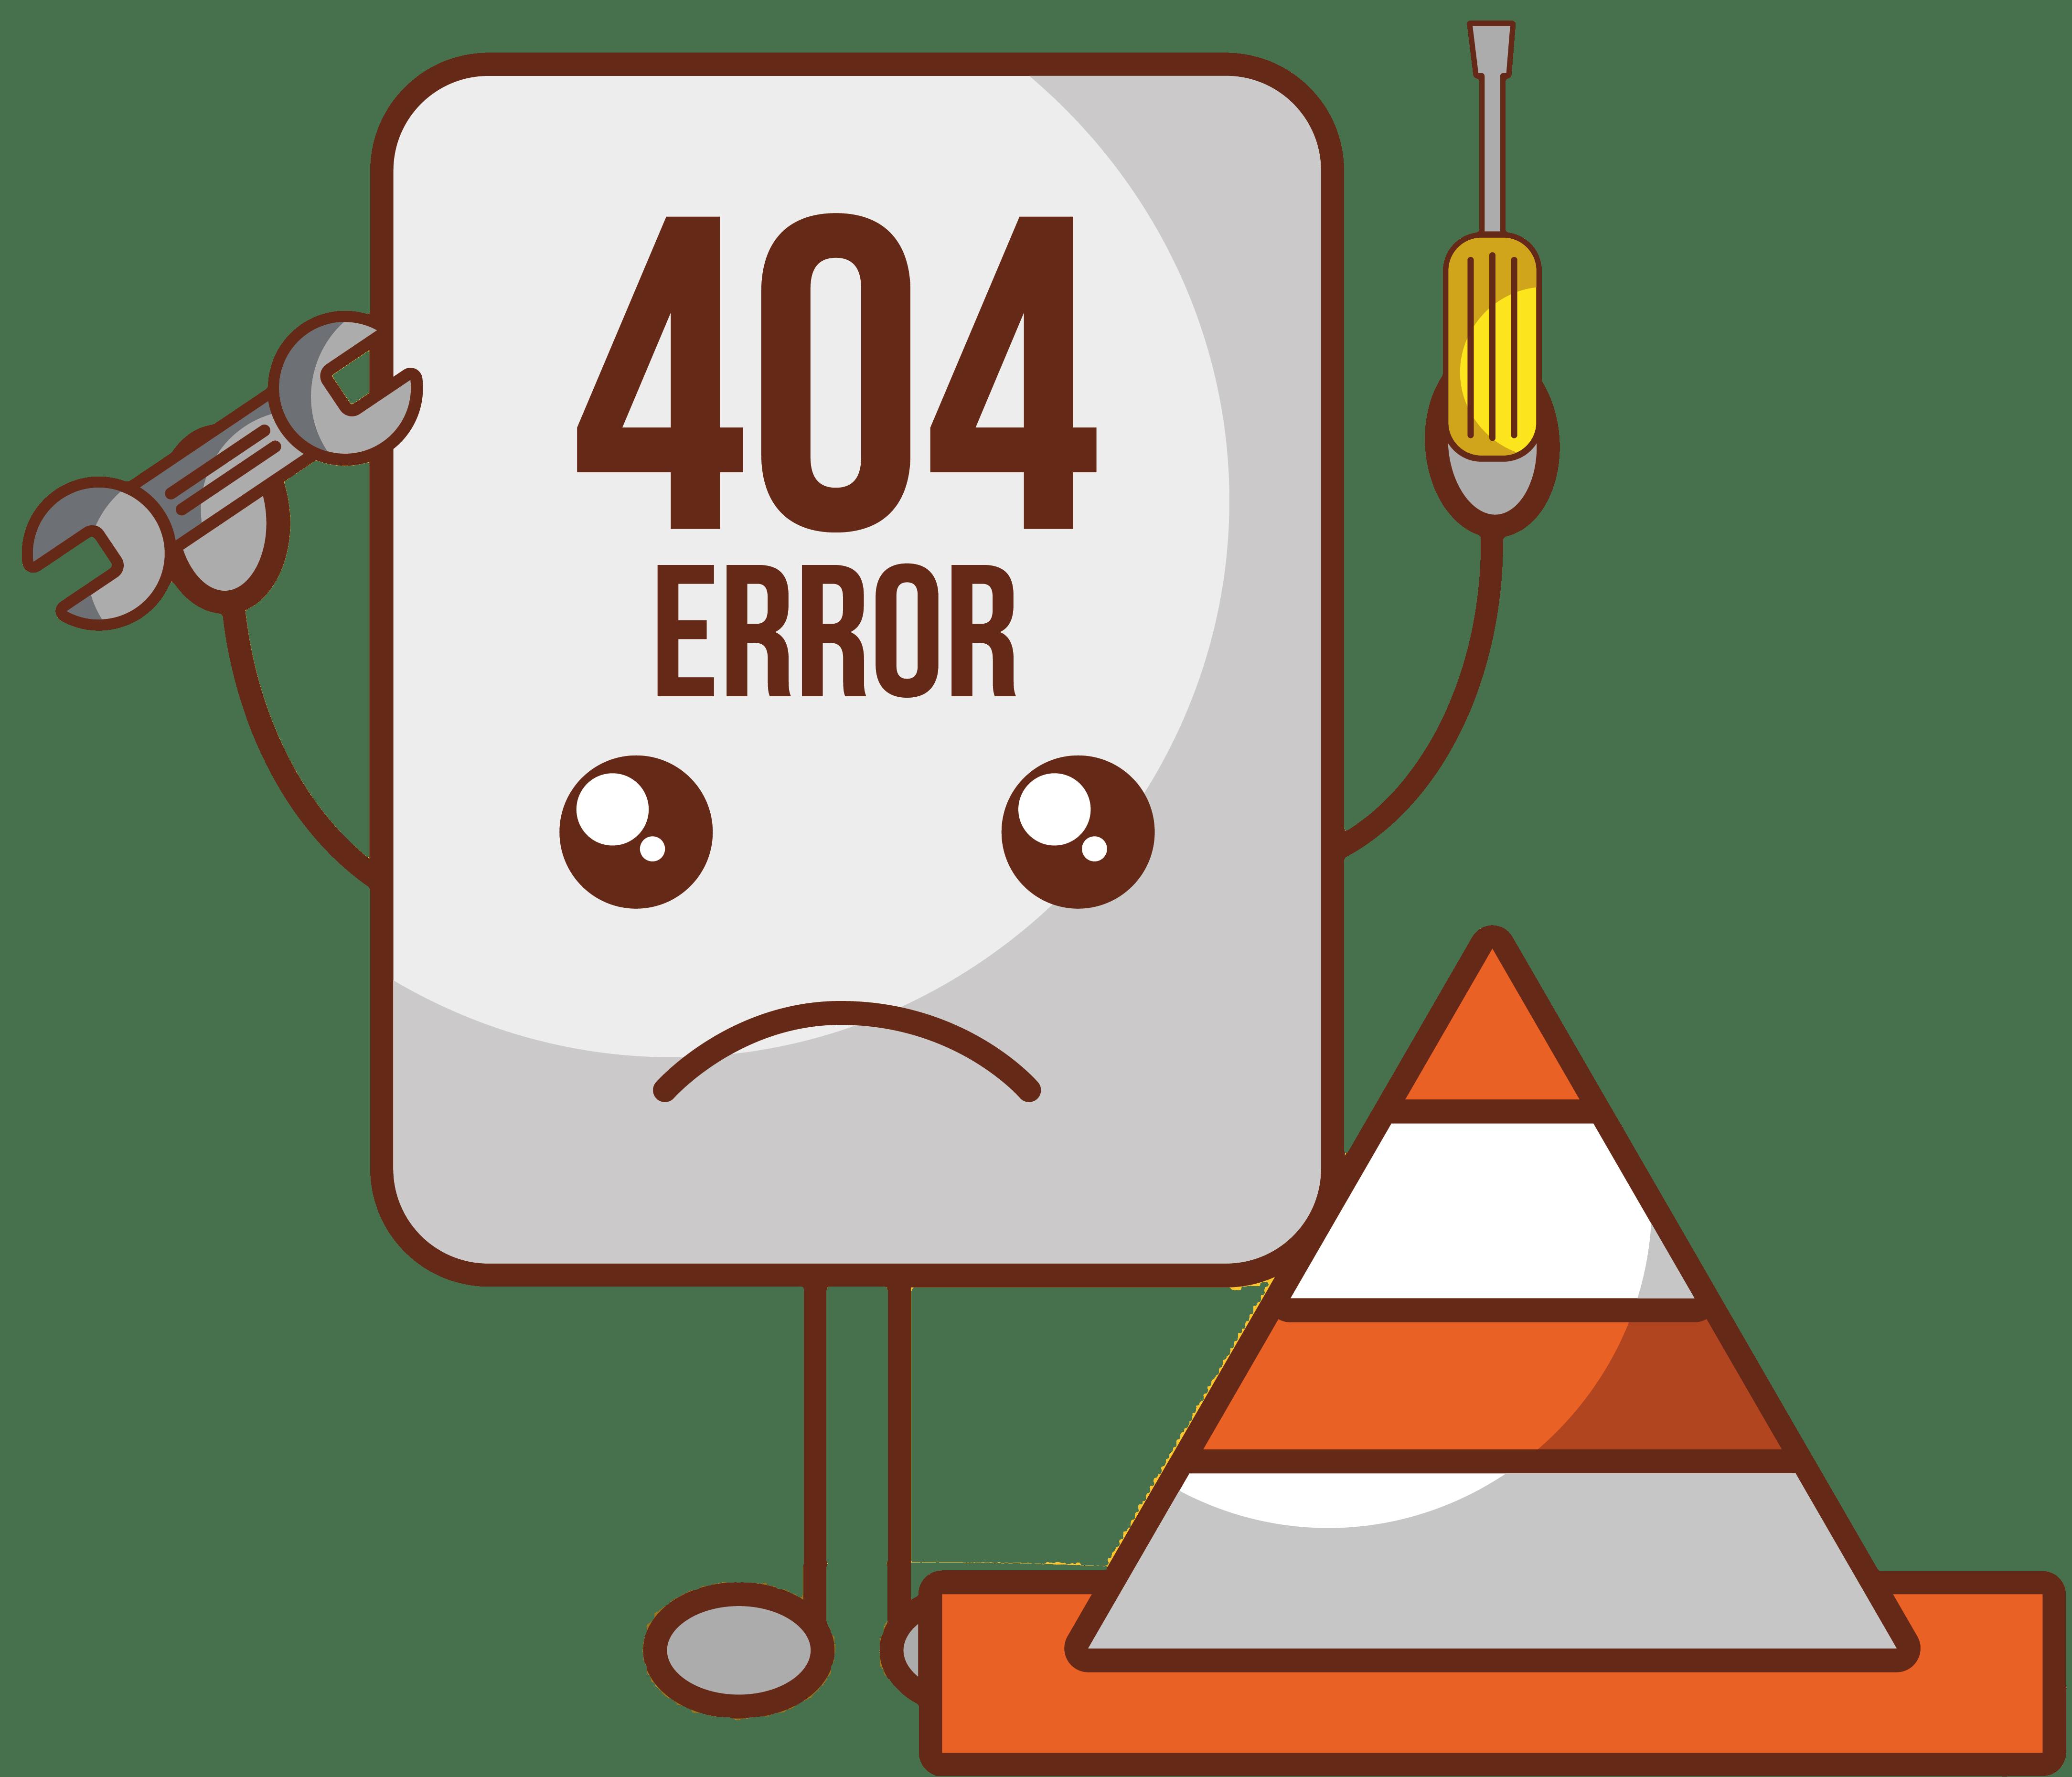 404 image - Master Group Srl